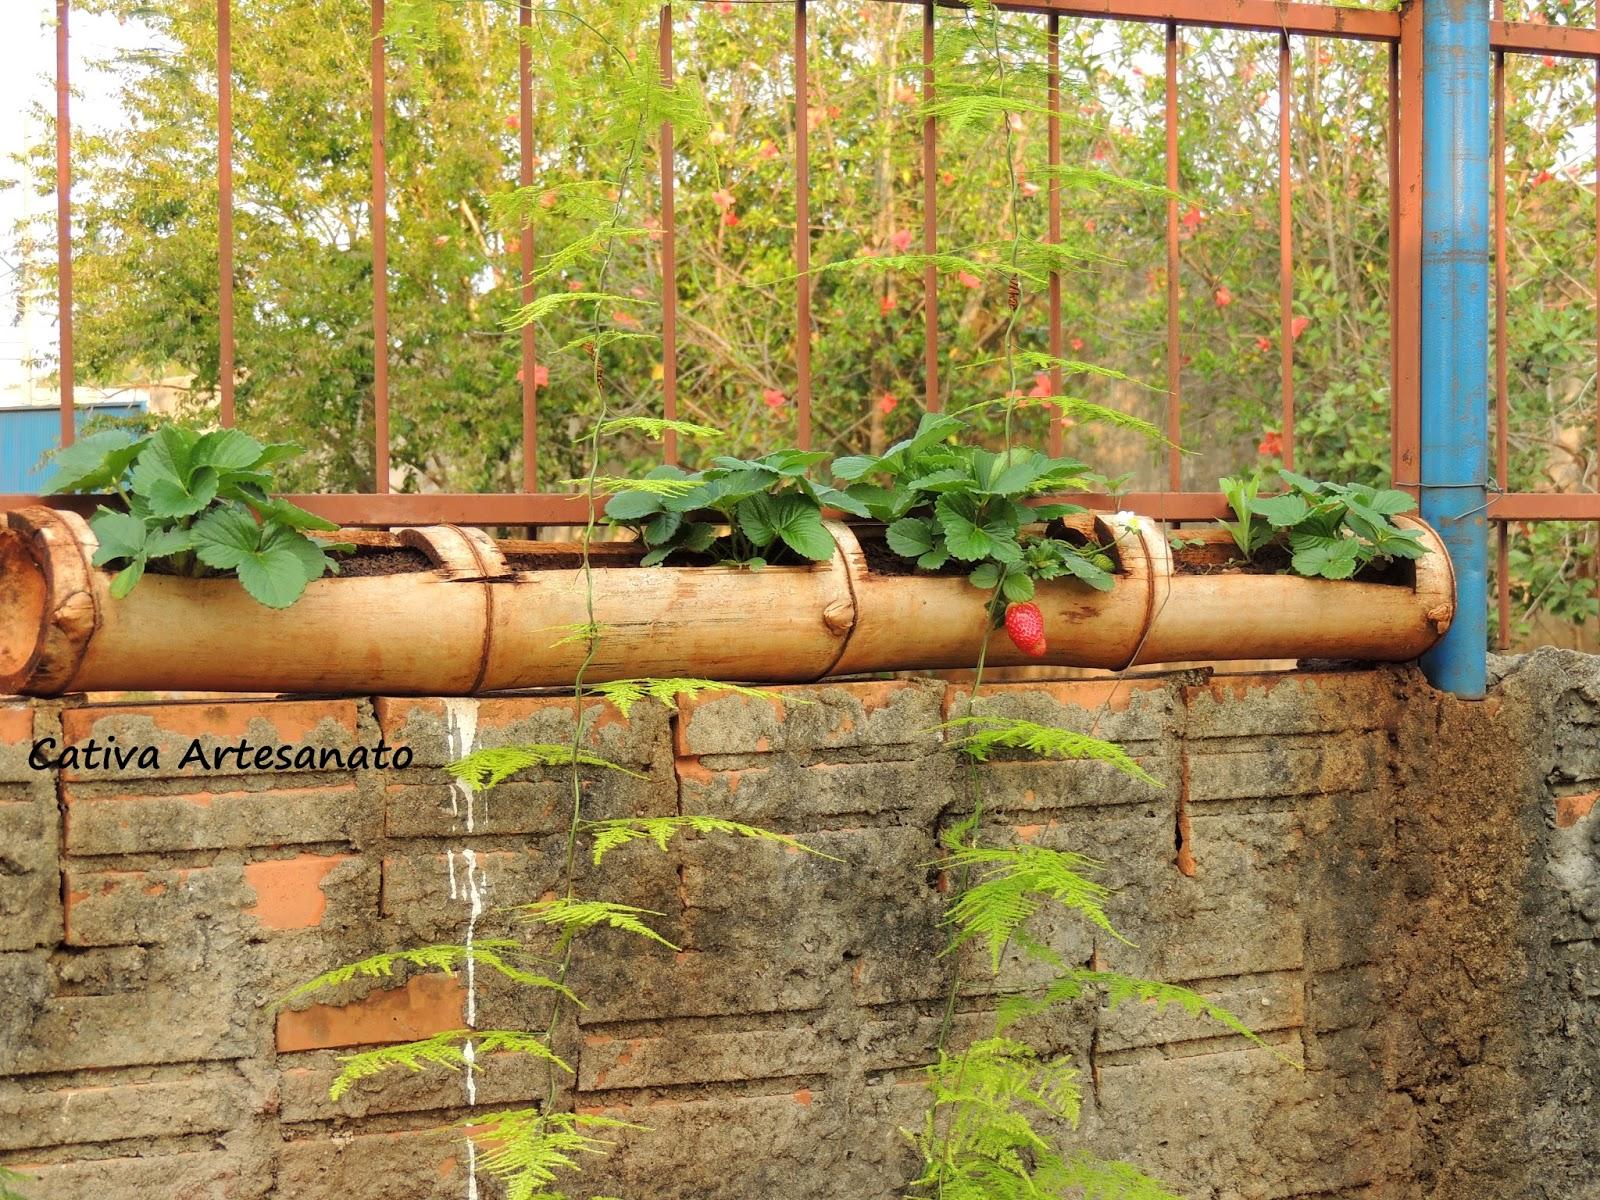 Excepcional cativa artesanato: Morangos cultivados no bambu suspenso QY07